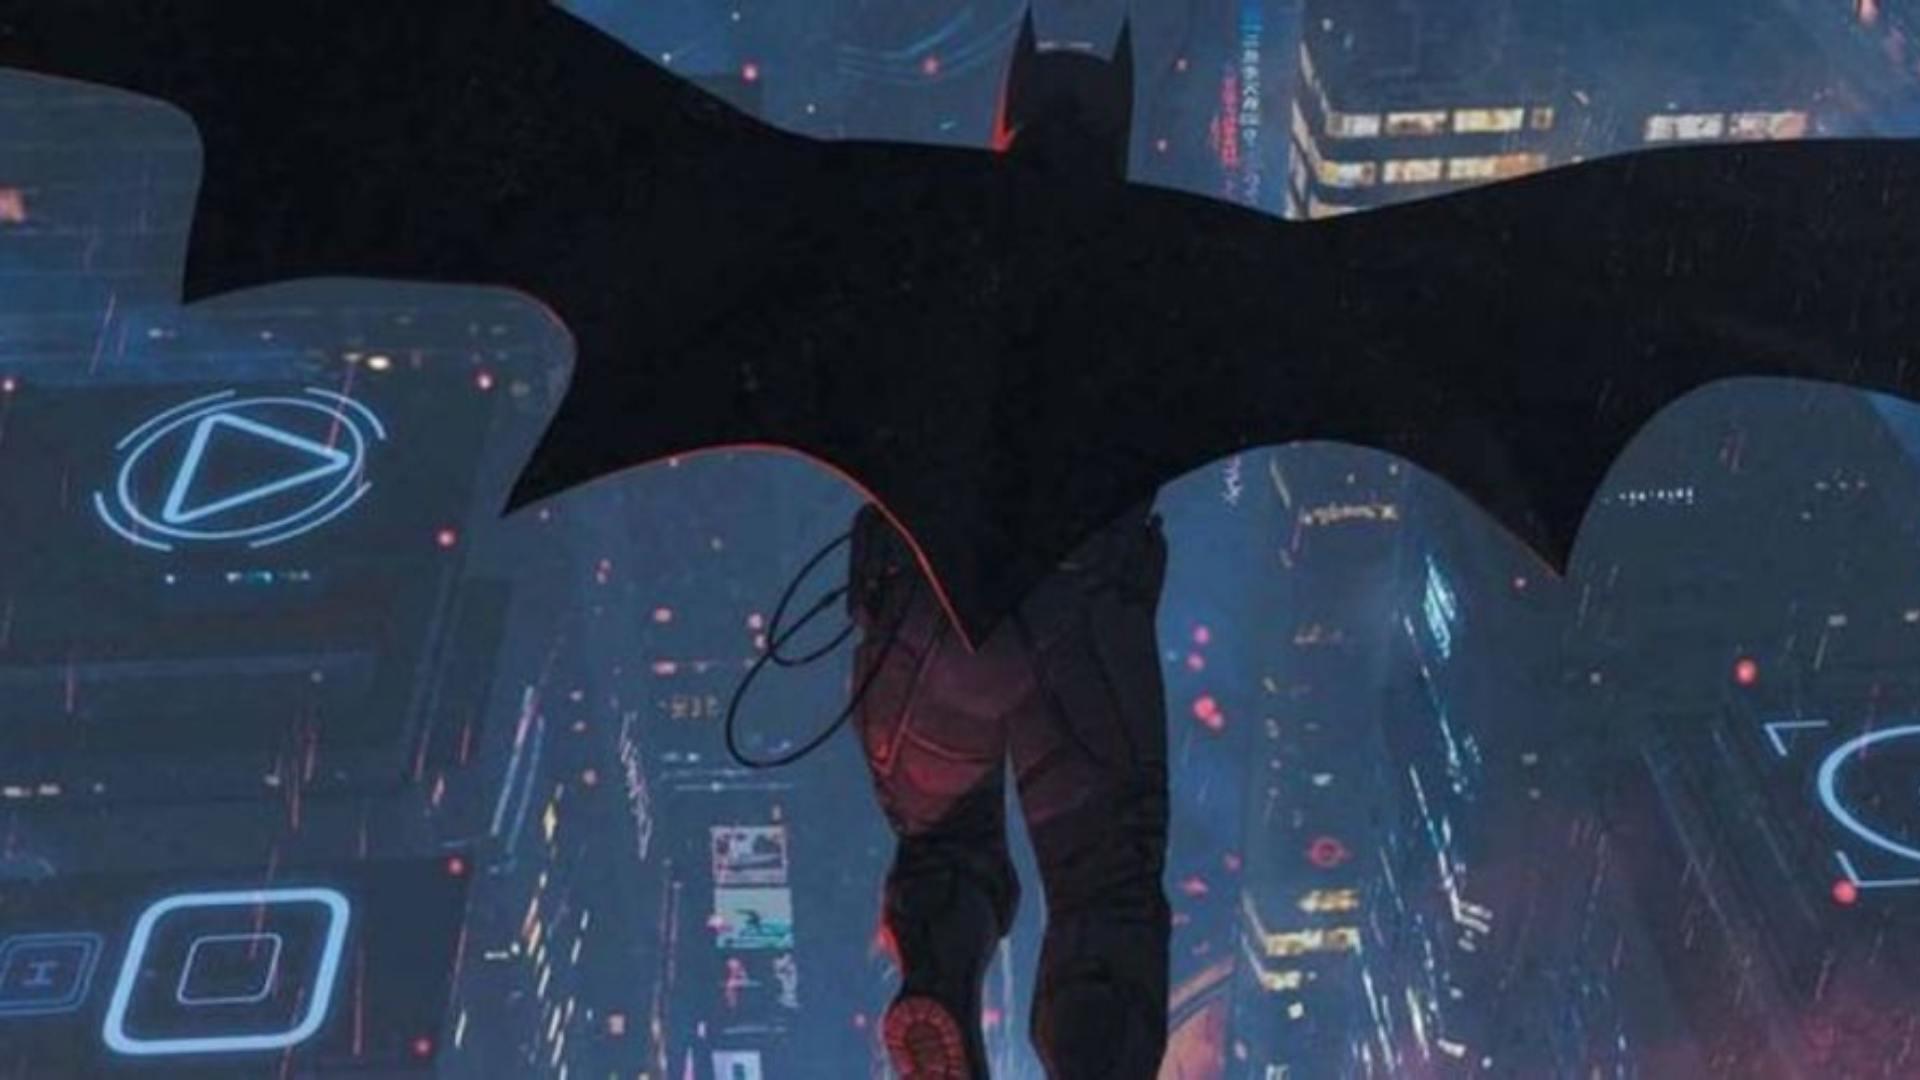 دو لباس جدید برای سری کتاب کمیک The Next Batman طراحی شد